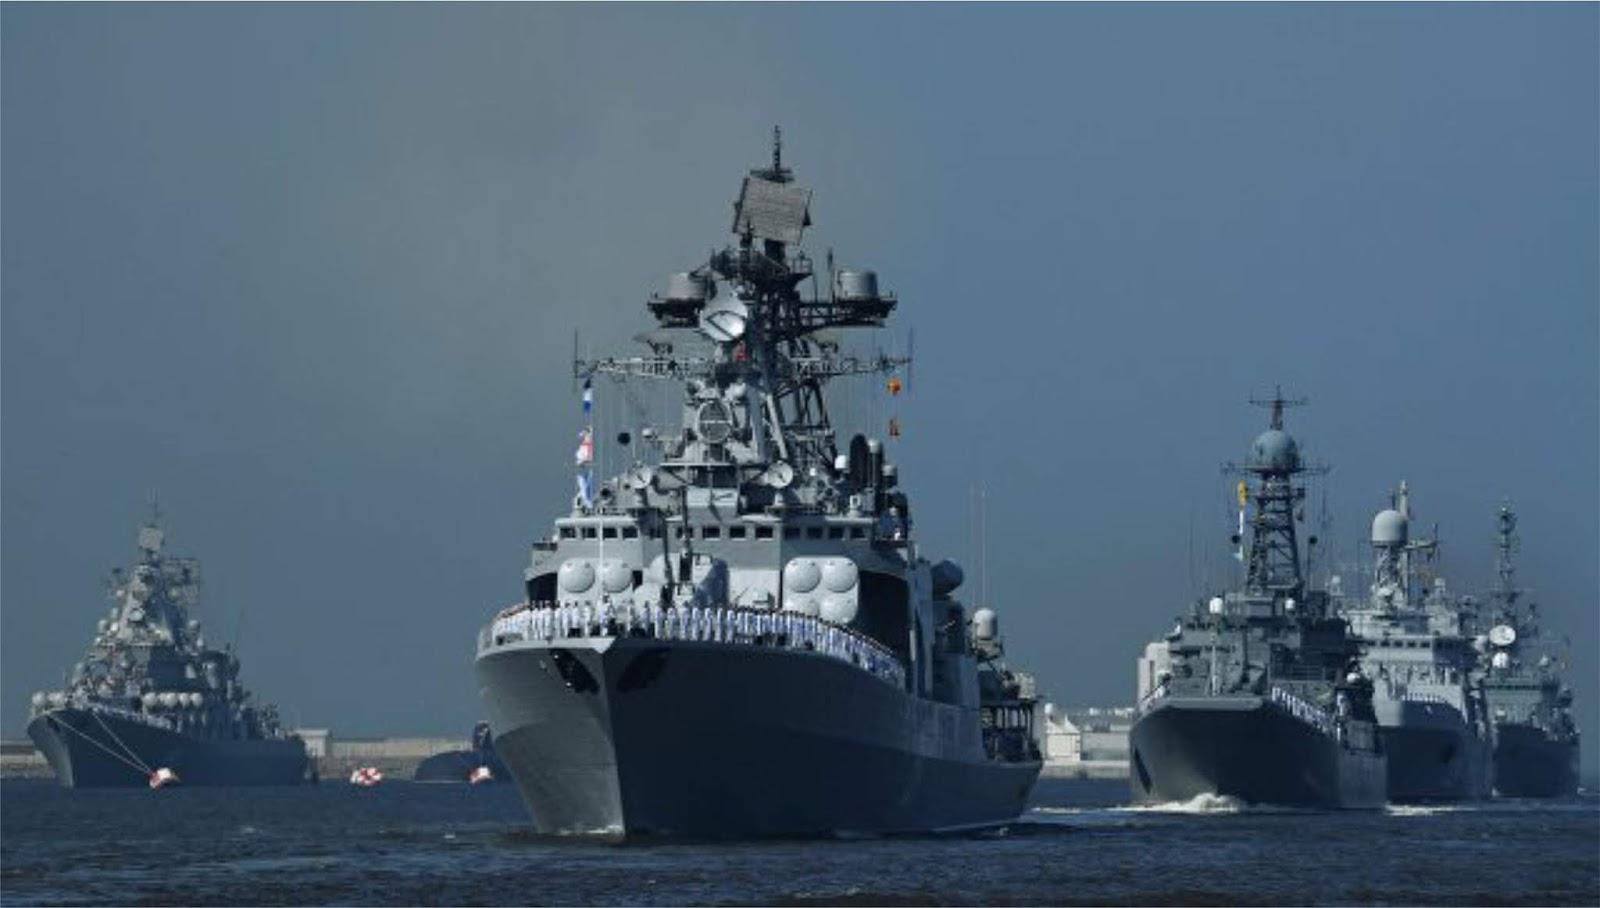 Rusia akan melakukan latihan perang skala besar di Laut Mediterania